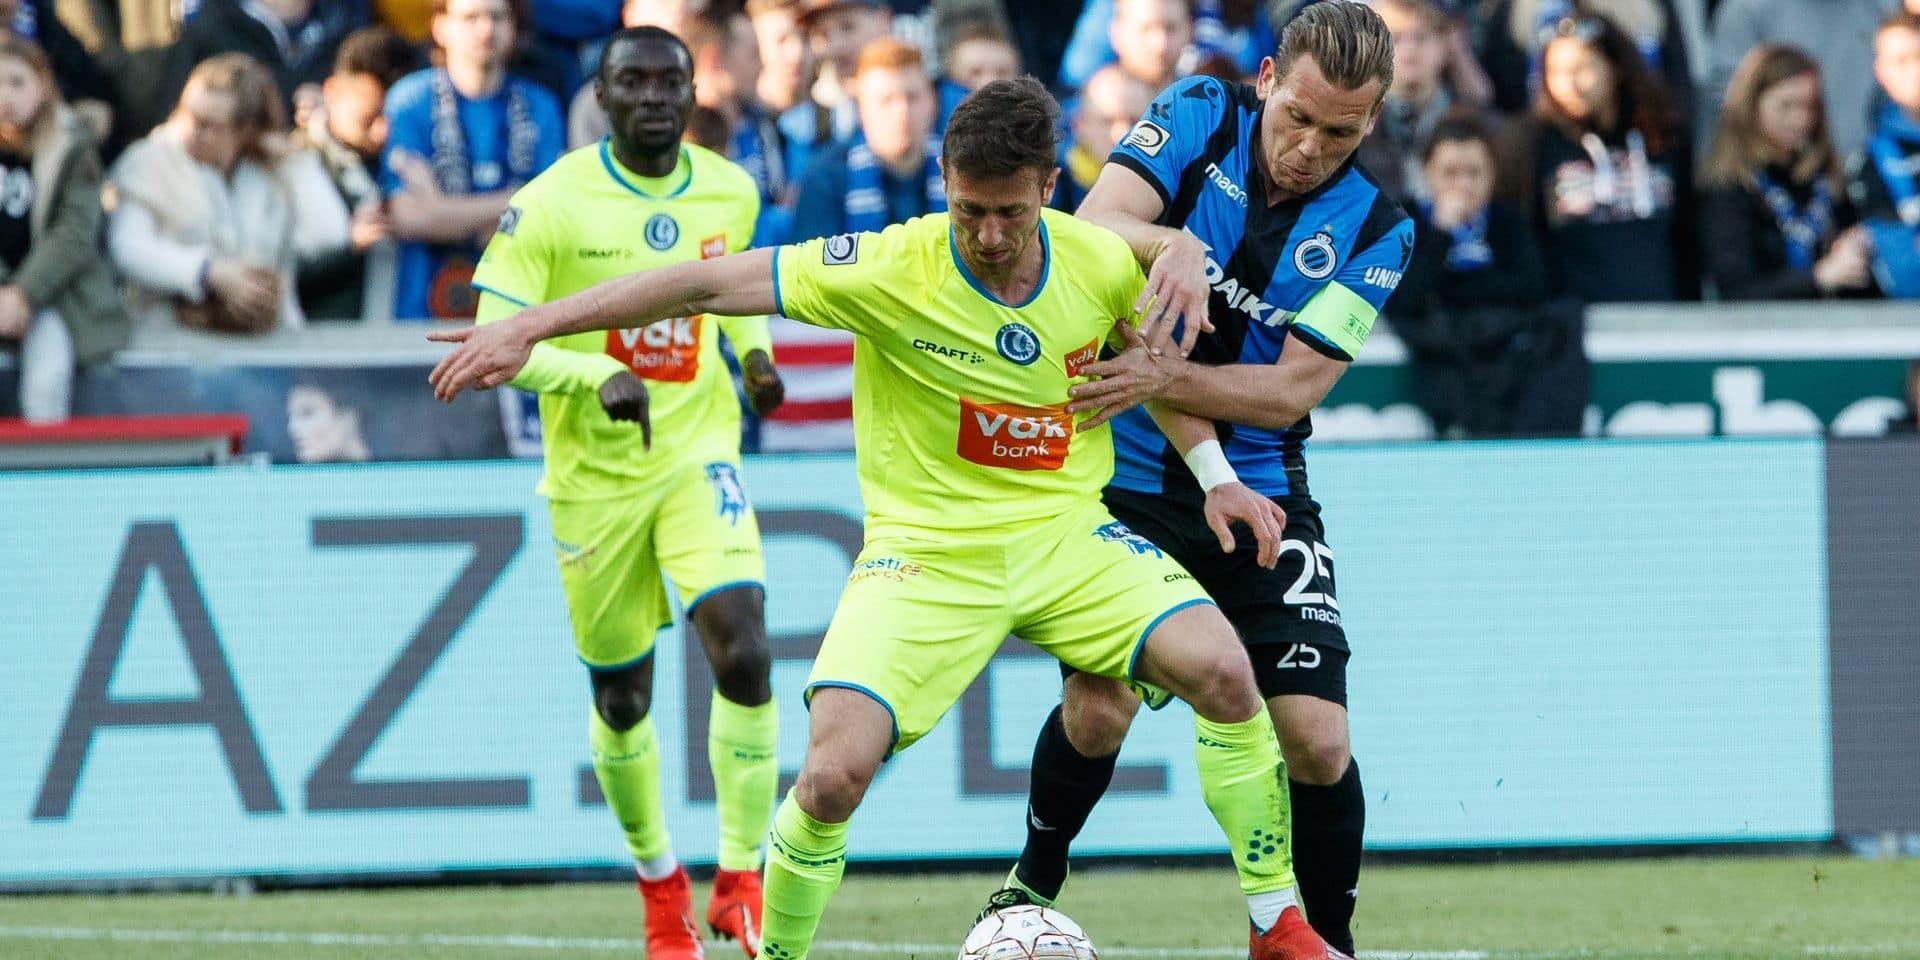 Bruges surclasse La Gantoise dans le derby des Flandres (4-0)